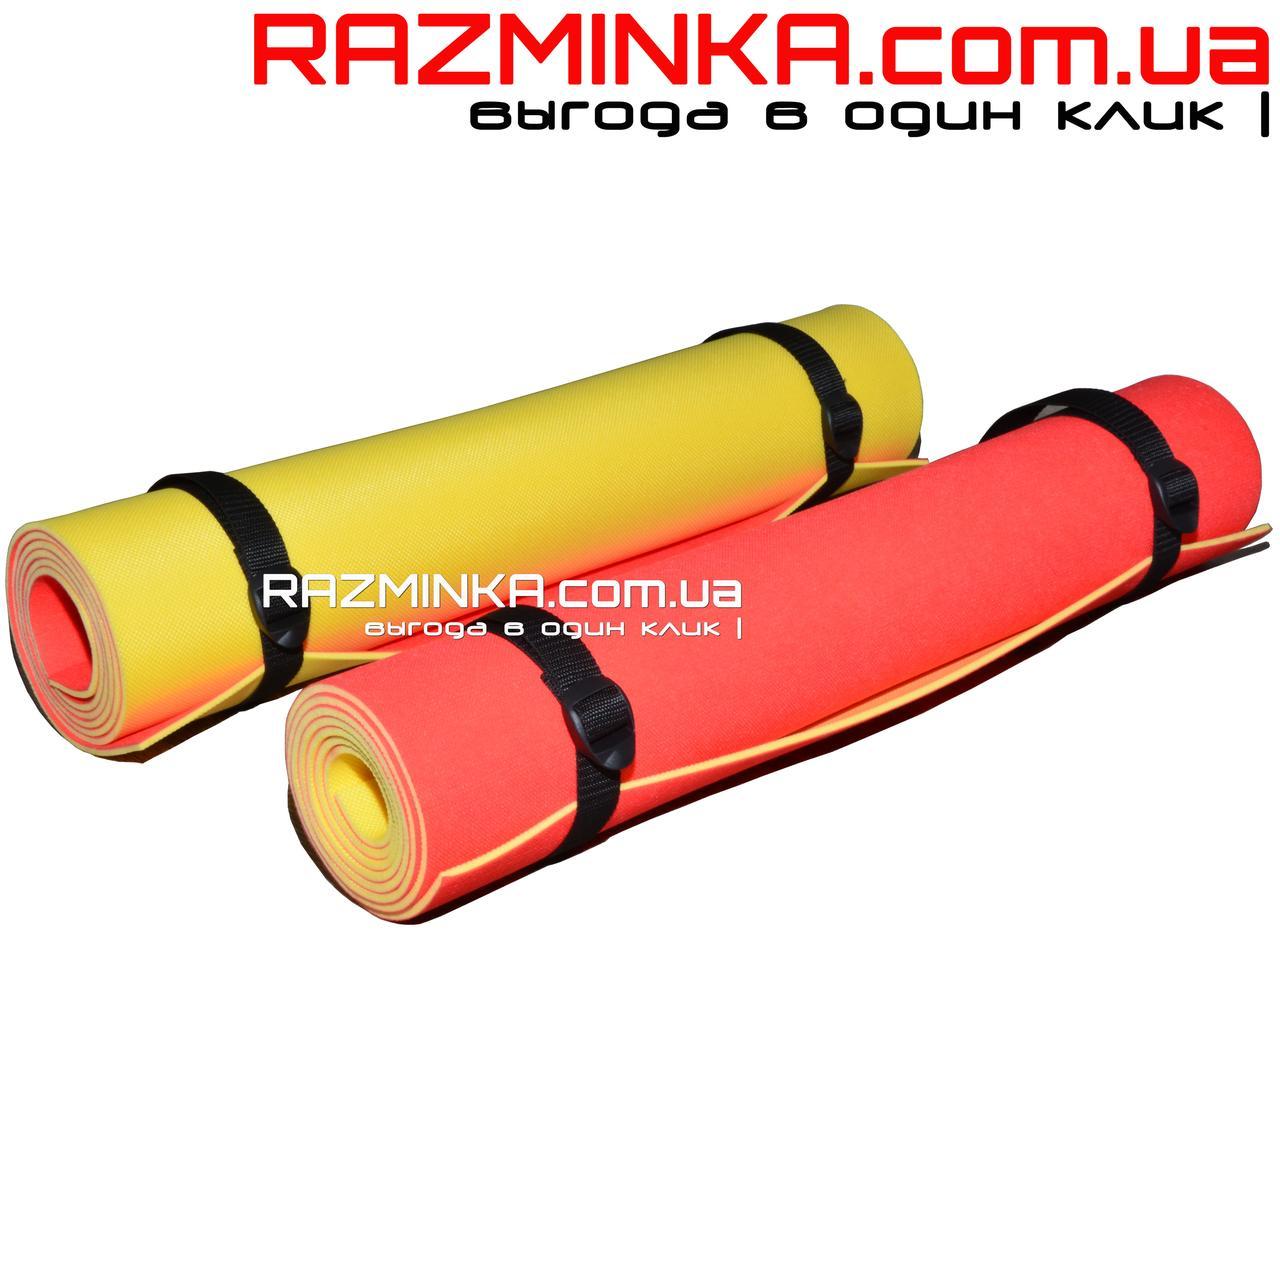 Йога мат 1800х600х4мм (красно/желтый)